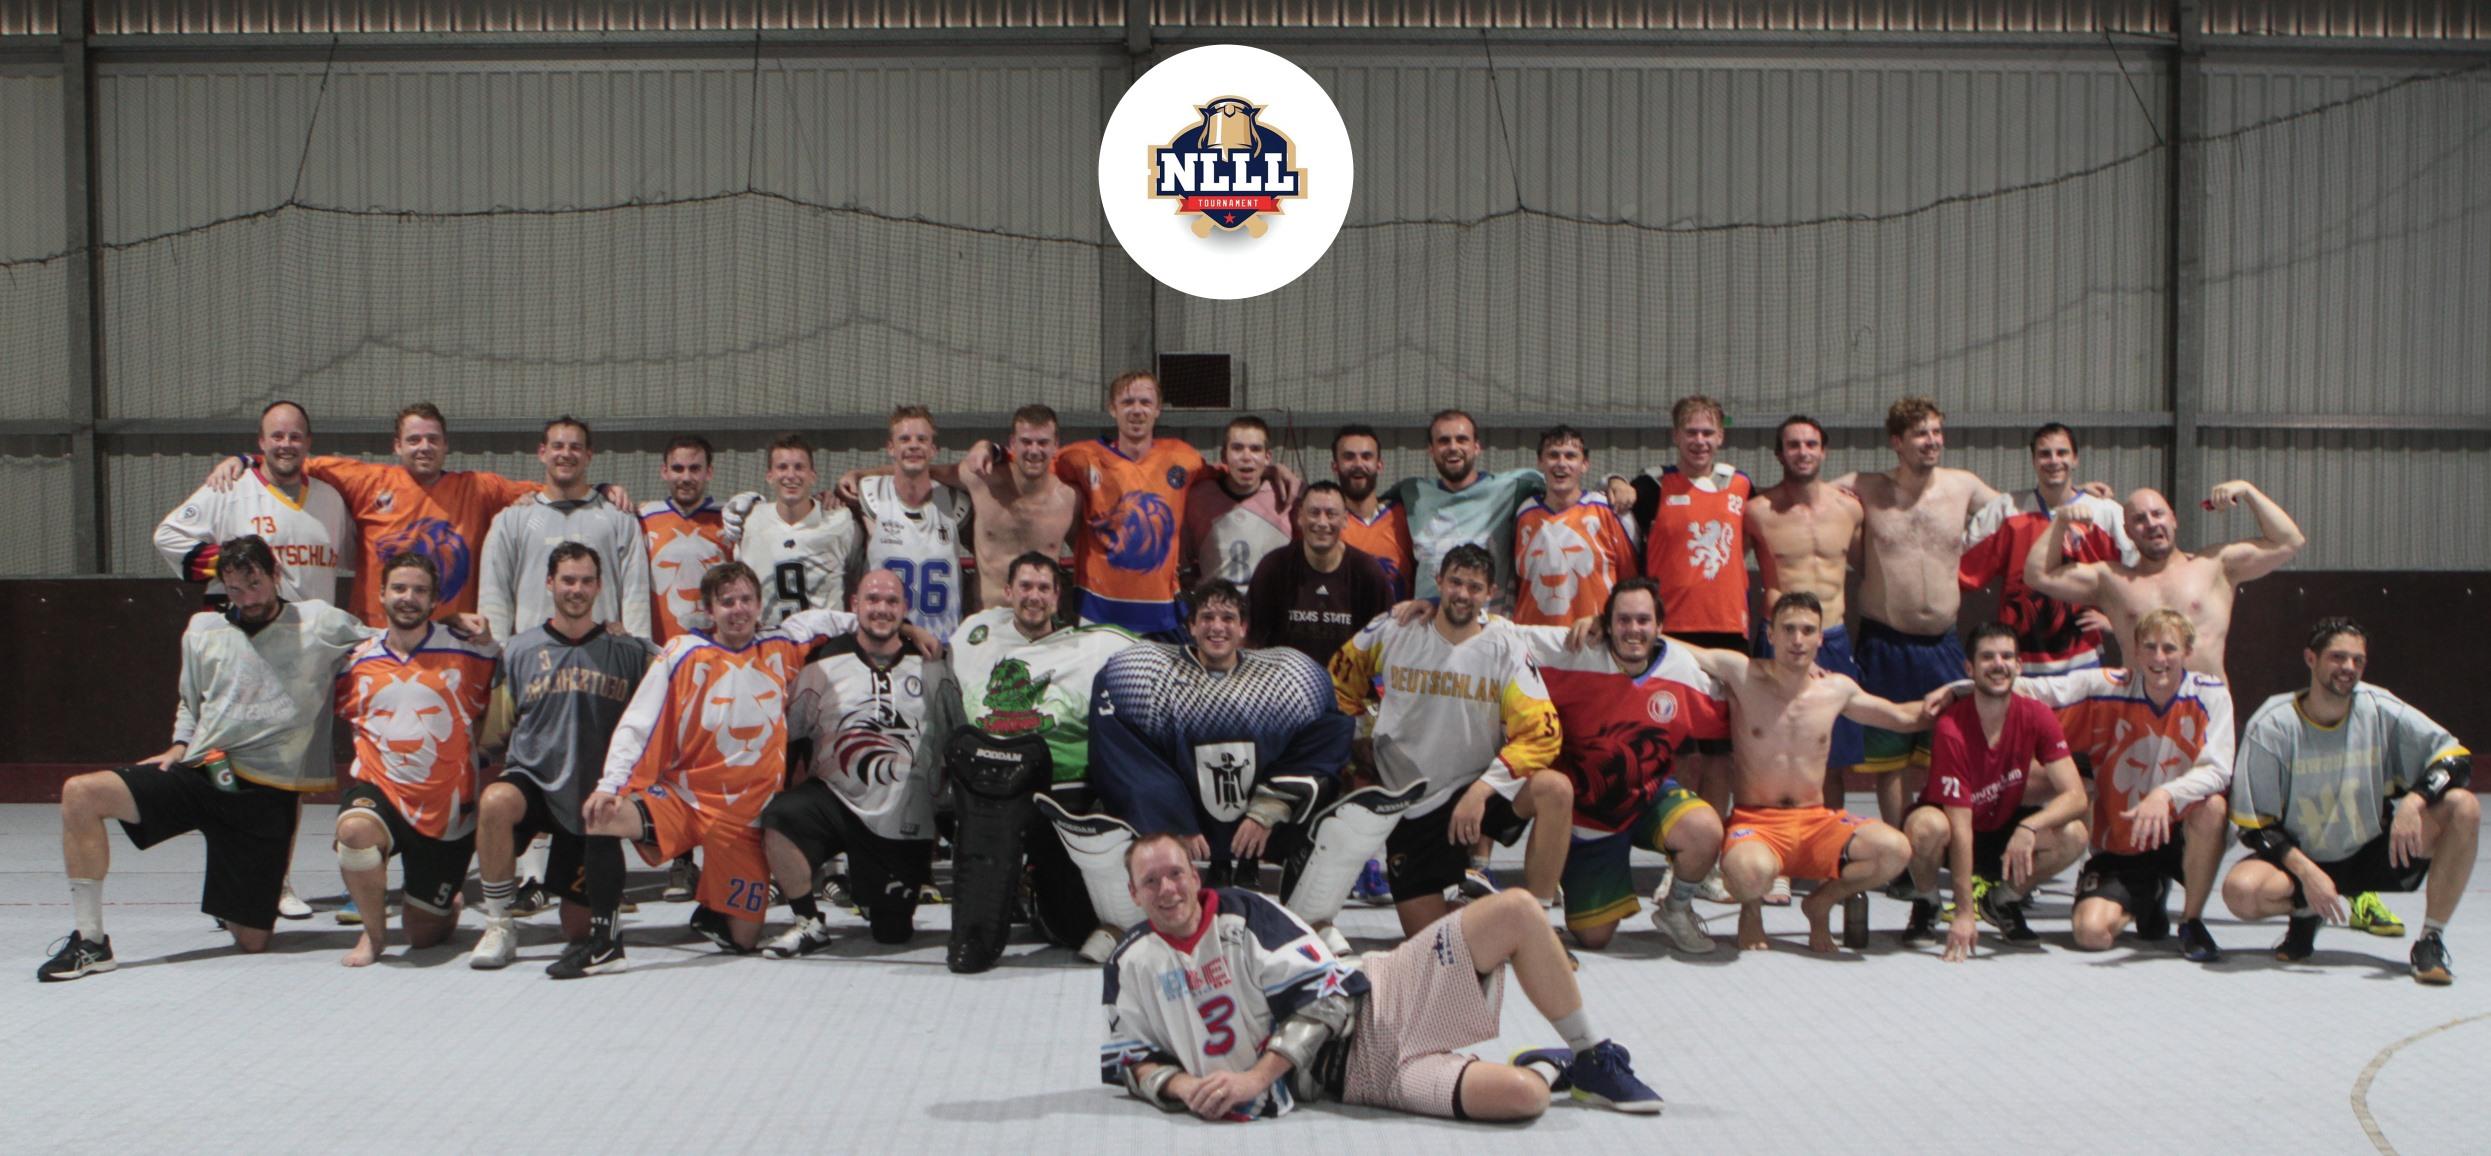 Netherlands Box Lacrosse League